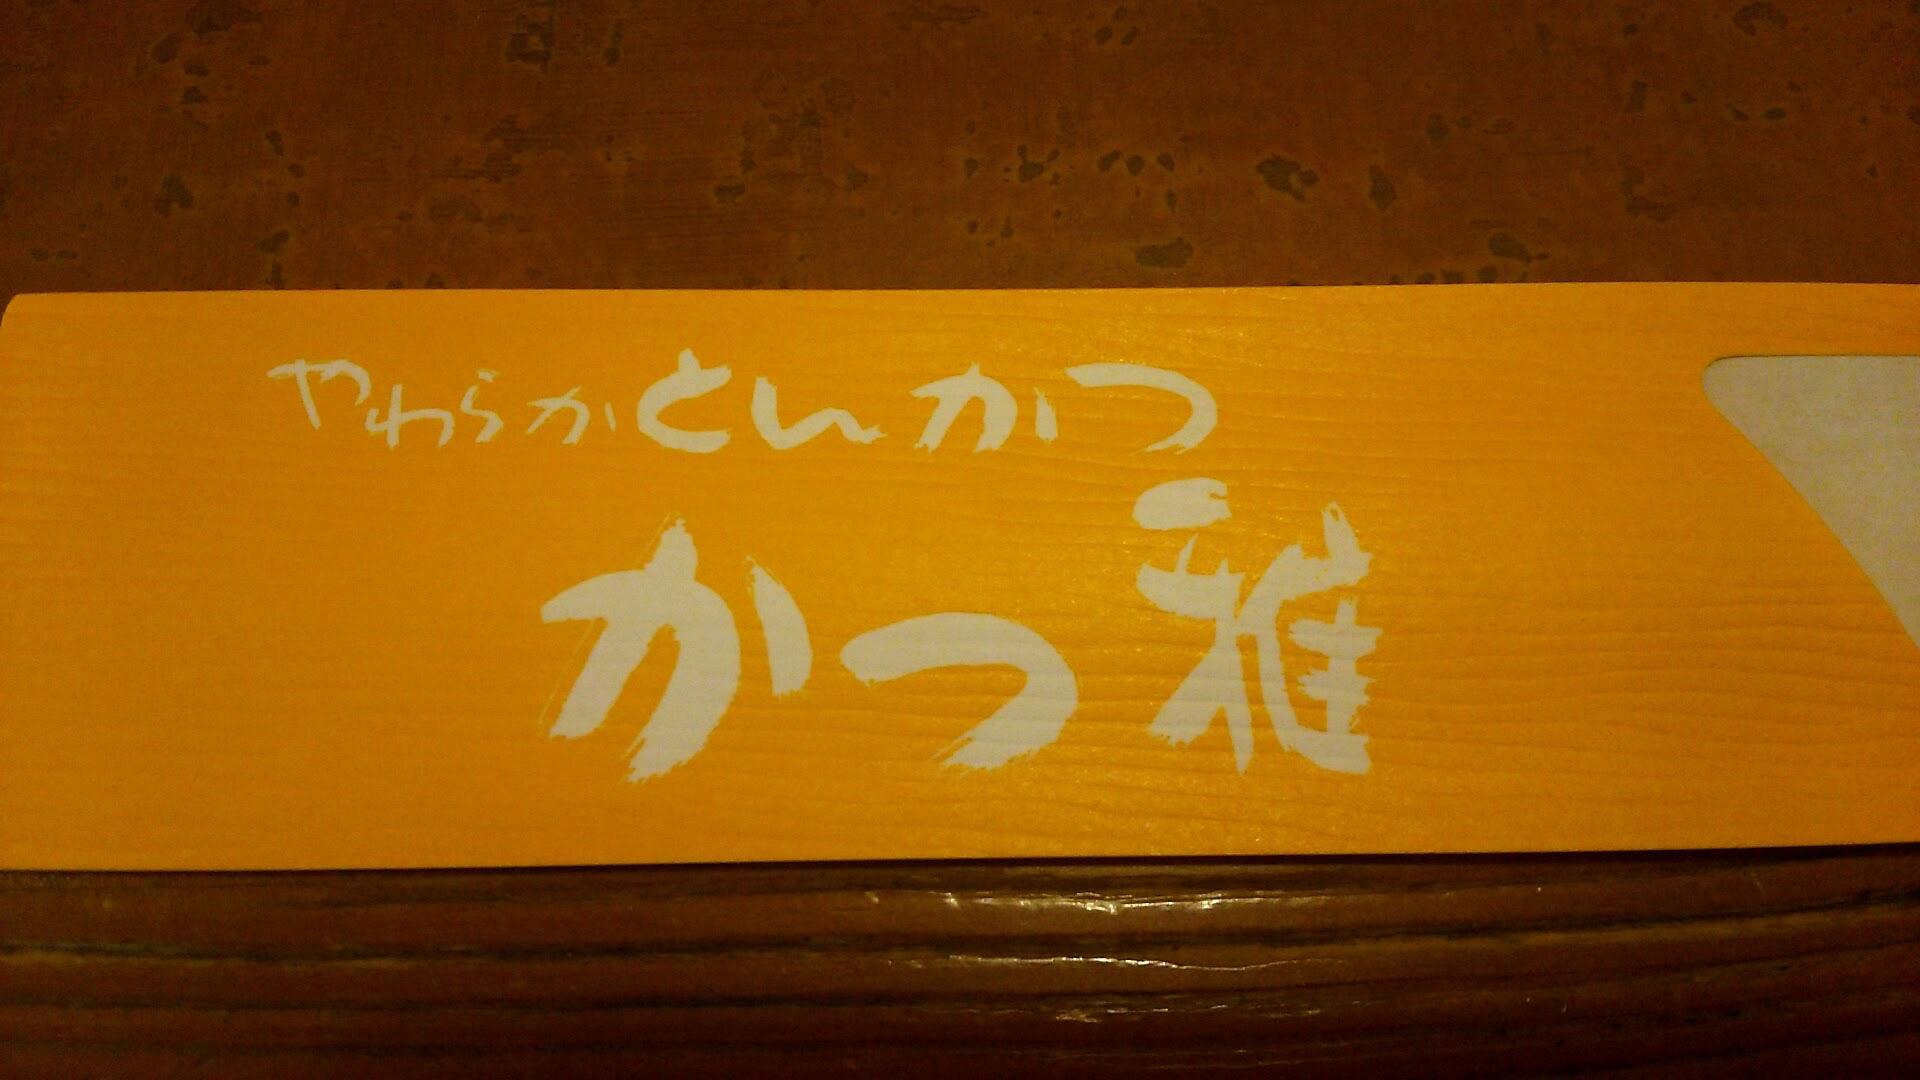 【レビュー】豊田市広川町 かつ雅 豊田美里店に行ってきた